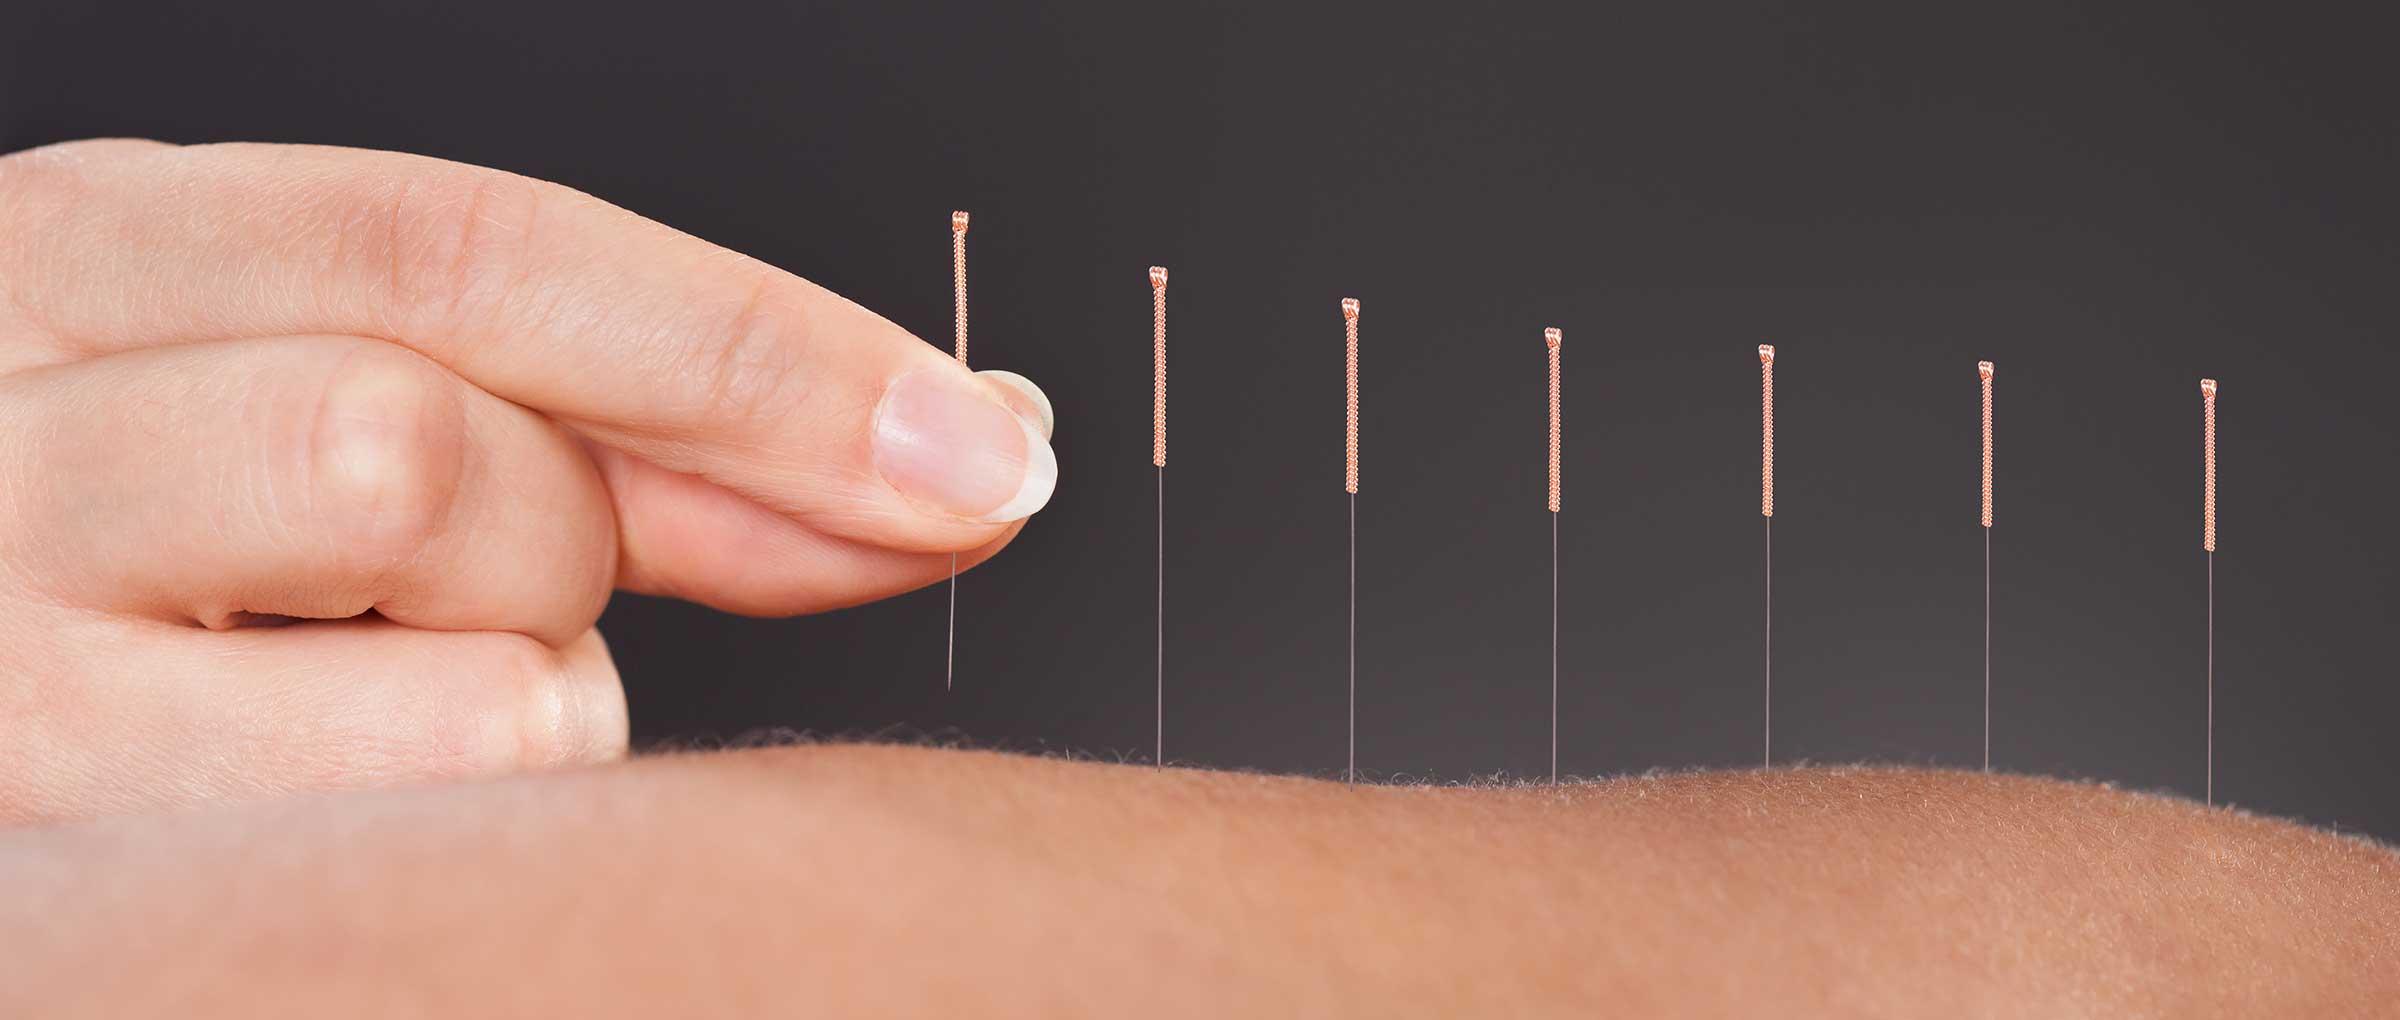 Les techniques d'acupuncture peuvent être des remèdes aux problèmes d'infertilité masculine.